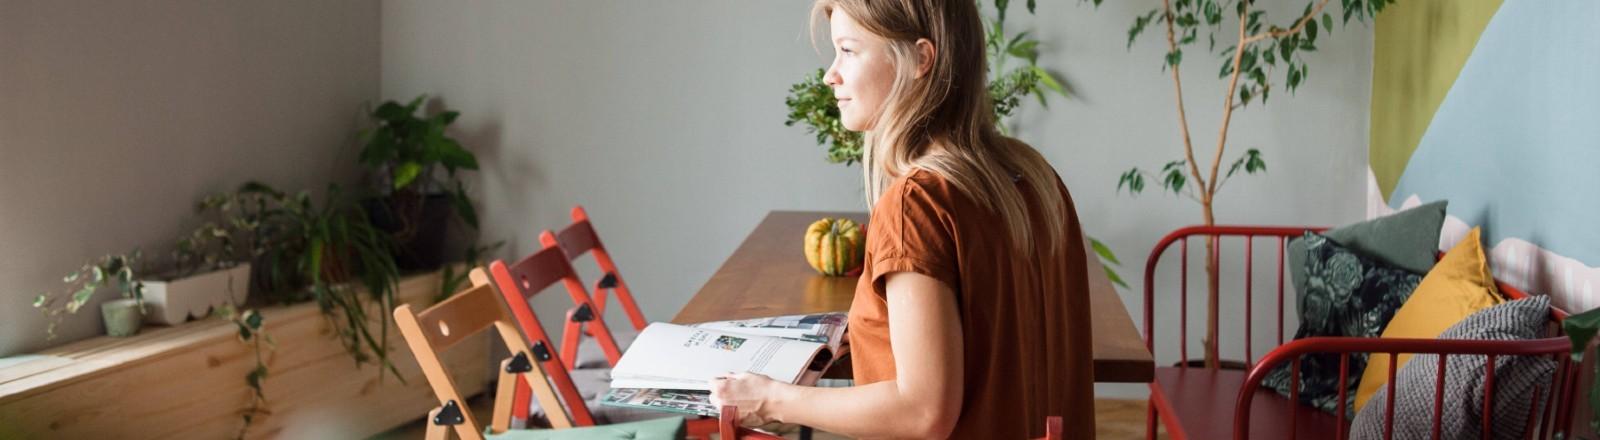 Frau sitz an einem Küchentisch, vor sich ein Magazin